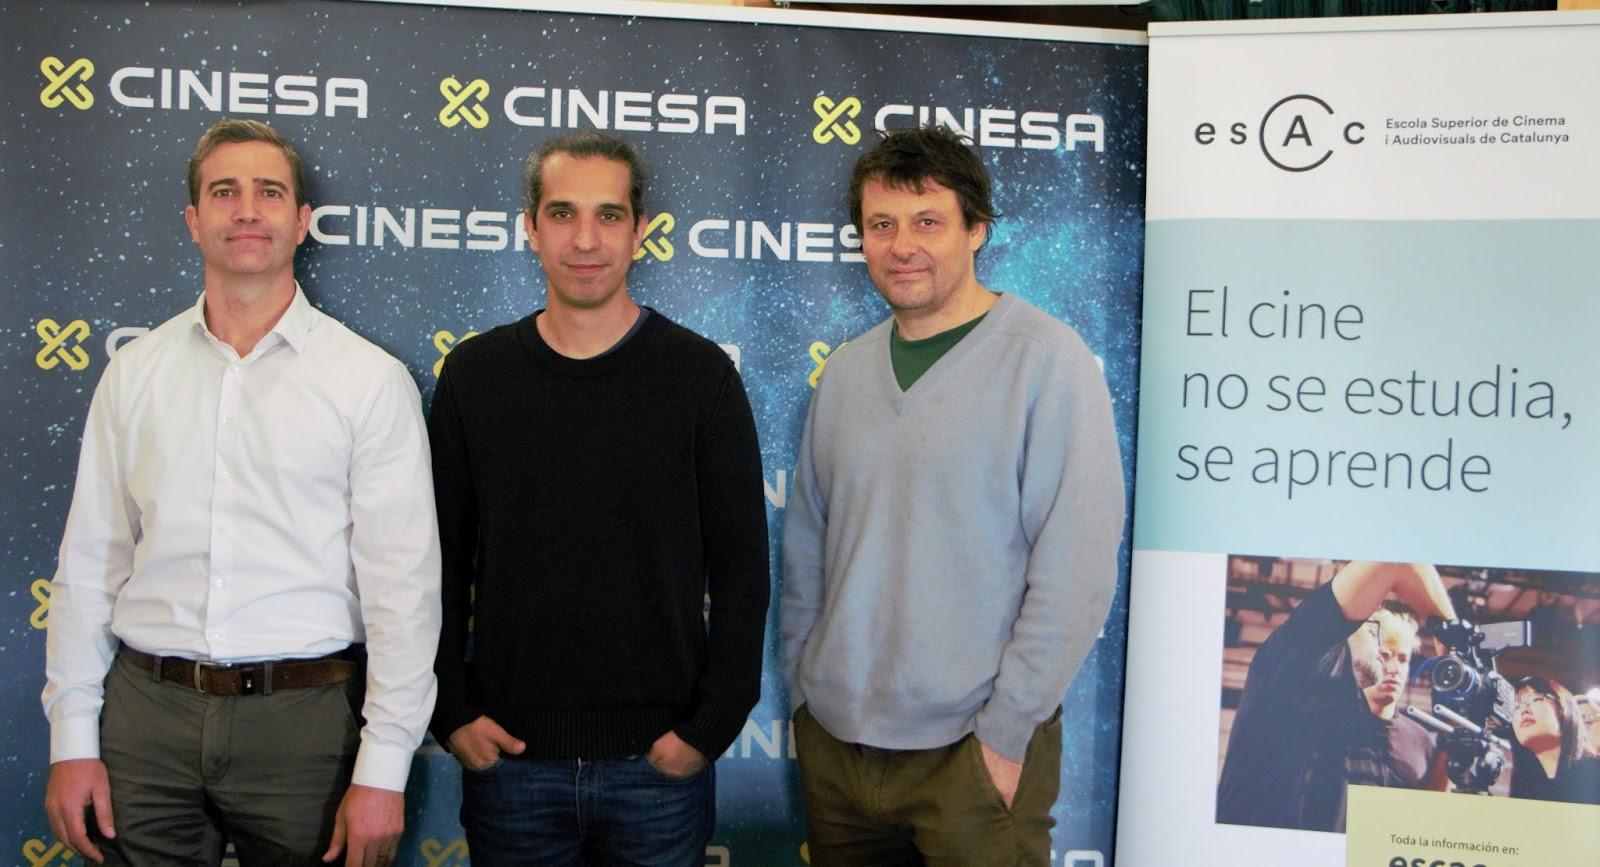 770f8ace9cf Cinesa y ESCAC ayudan a futuros cineastas a cumplir su sueño